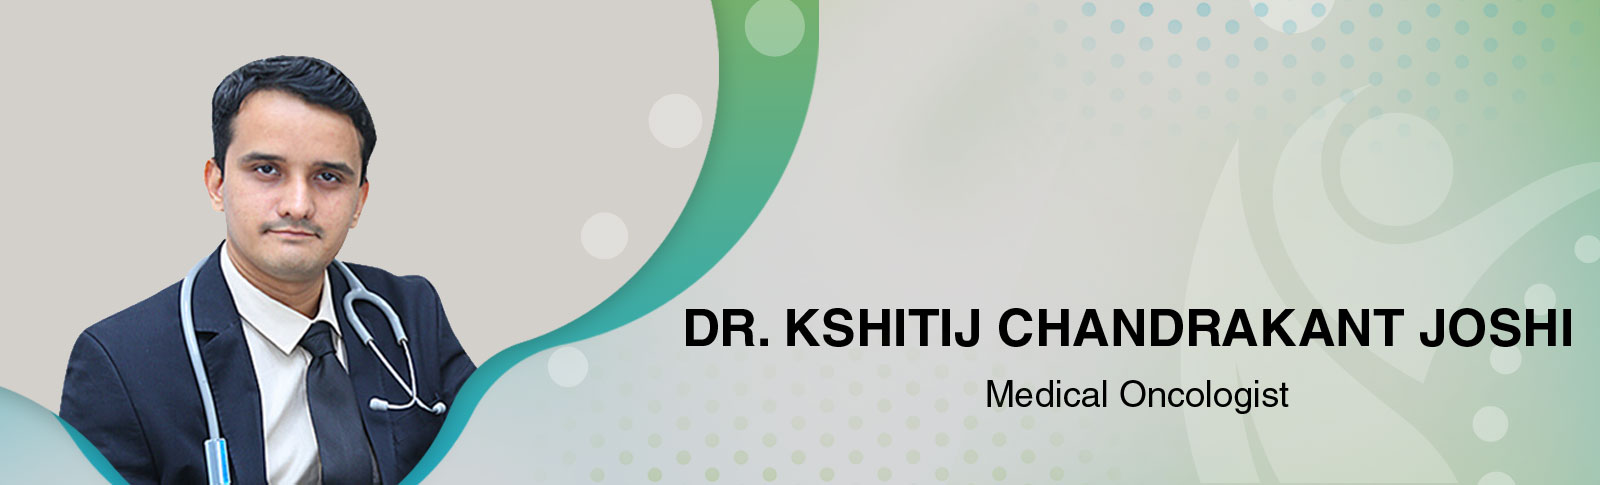 Dr. Kshitij Chandrakant Joshi